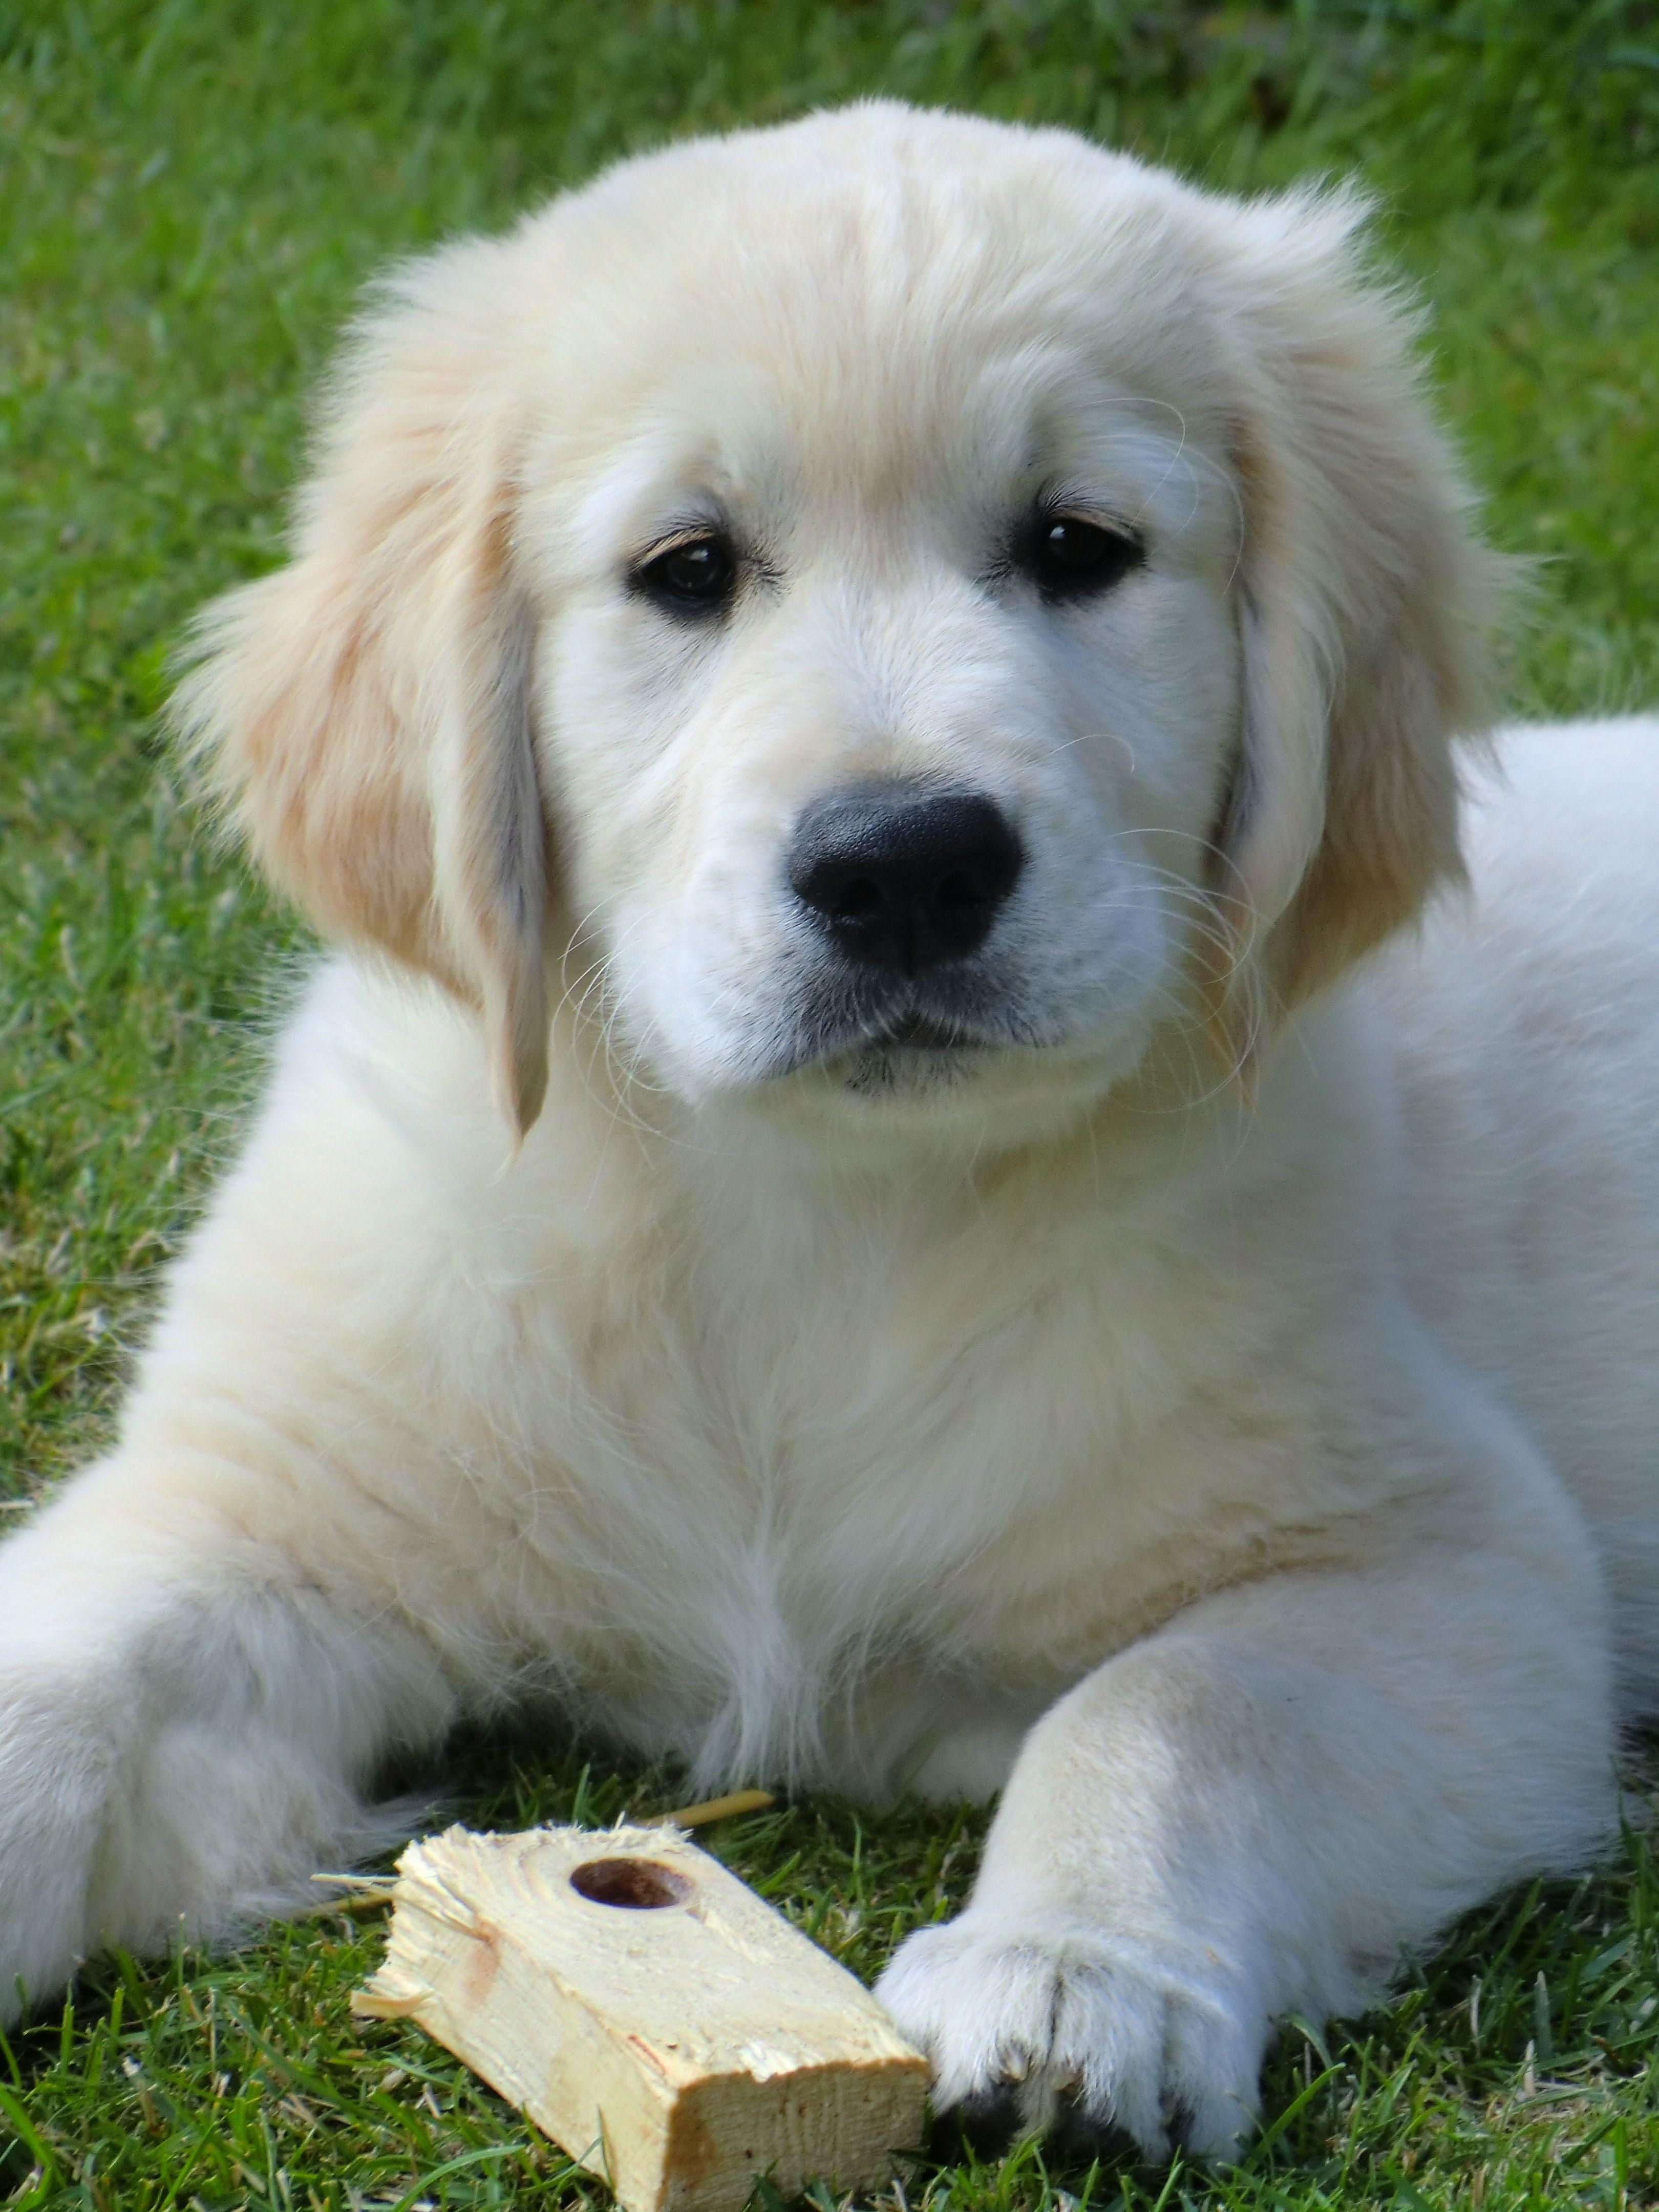 Puppy Frodo White Golden Retriever Puppy Golden Puppy Golden